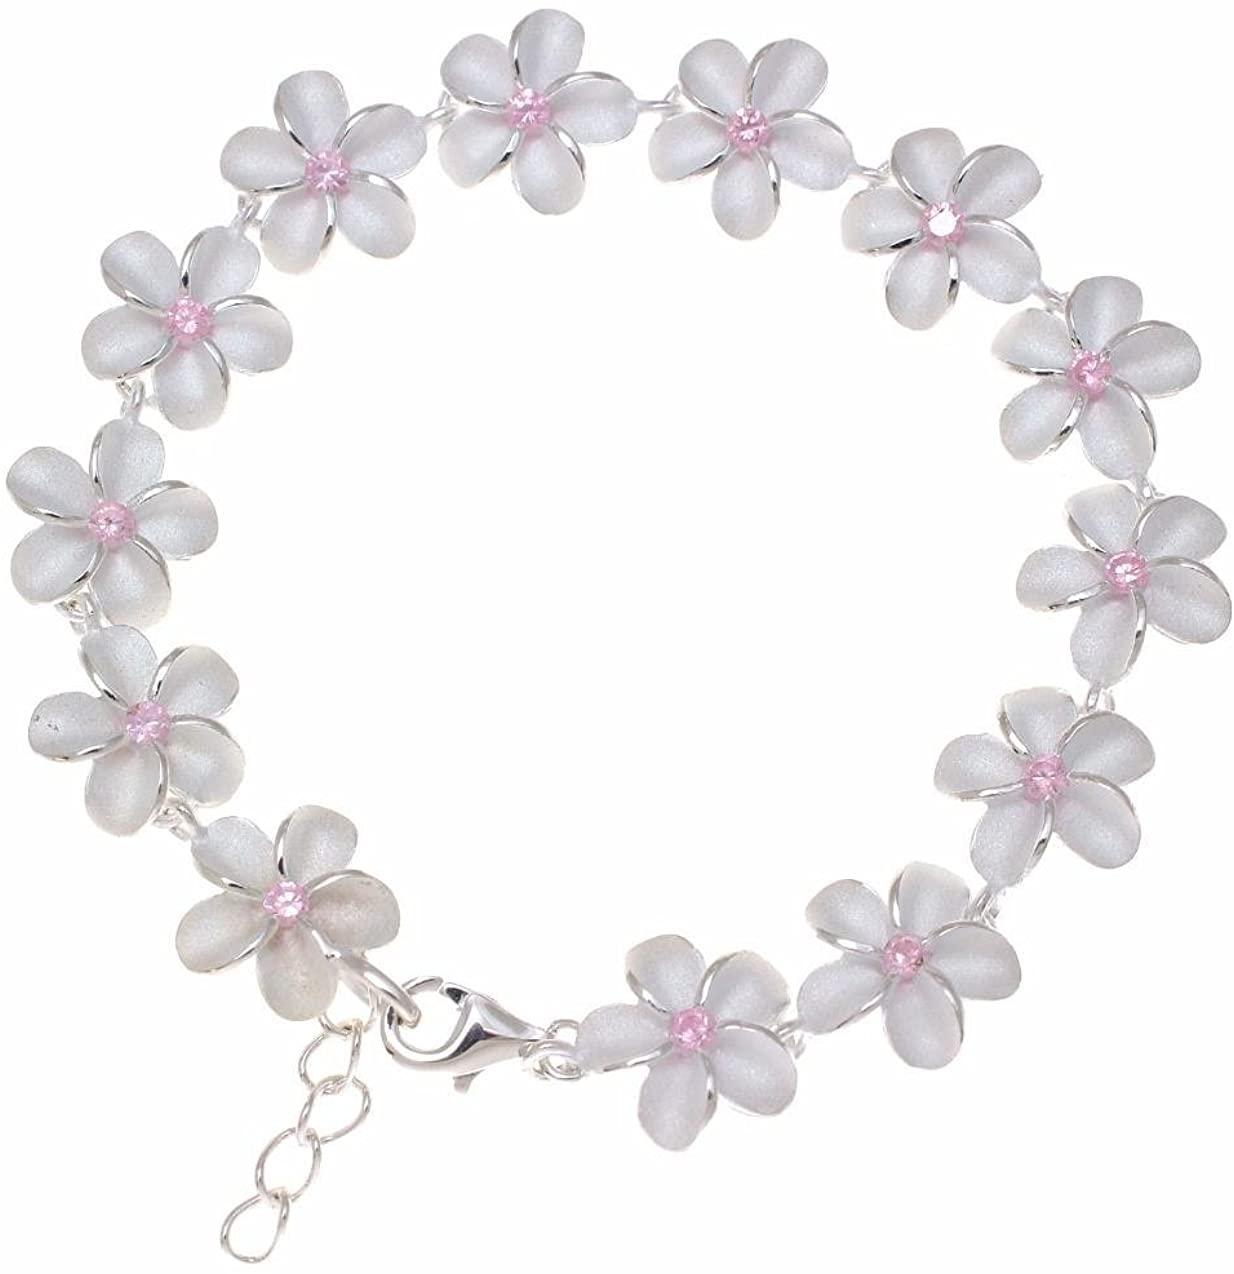 Arthur's Jewelry 925 Sterling Silver Hawaiian Plumeria Flower Link Bracelet Pink cz 12mm 7